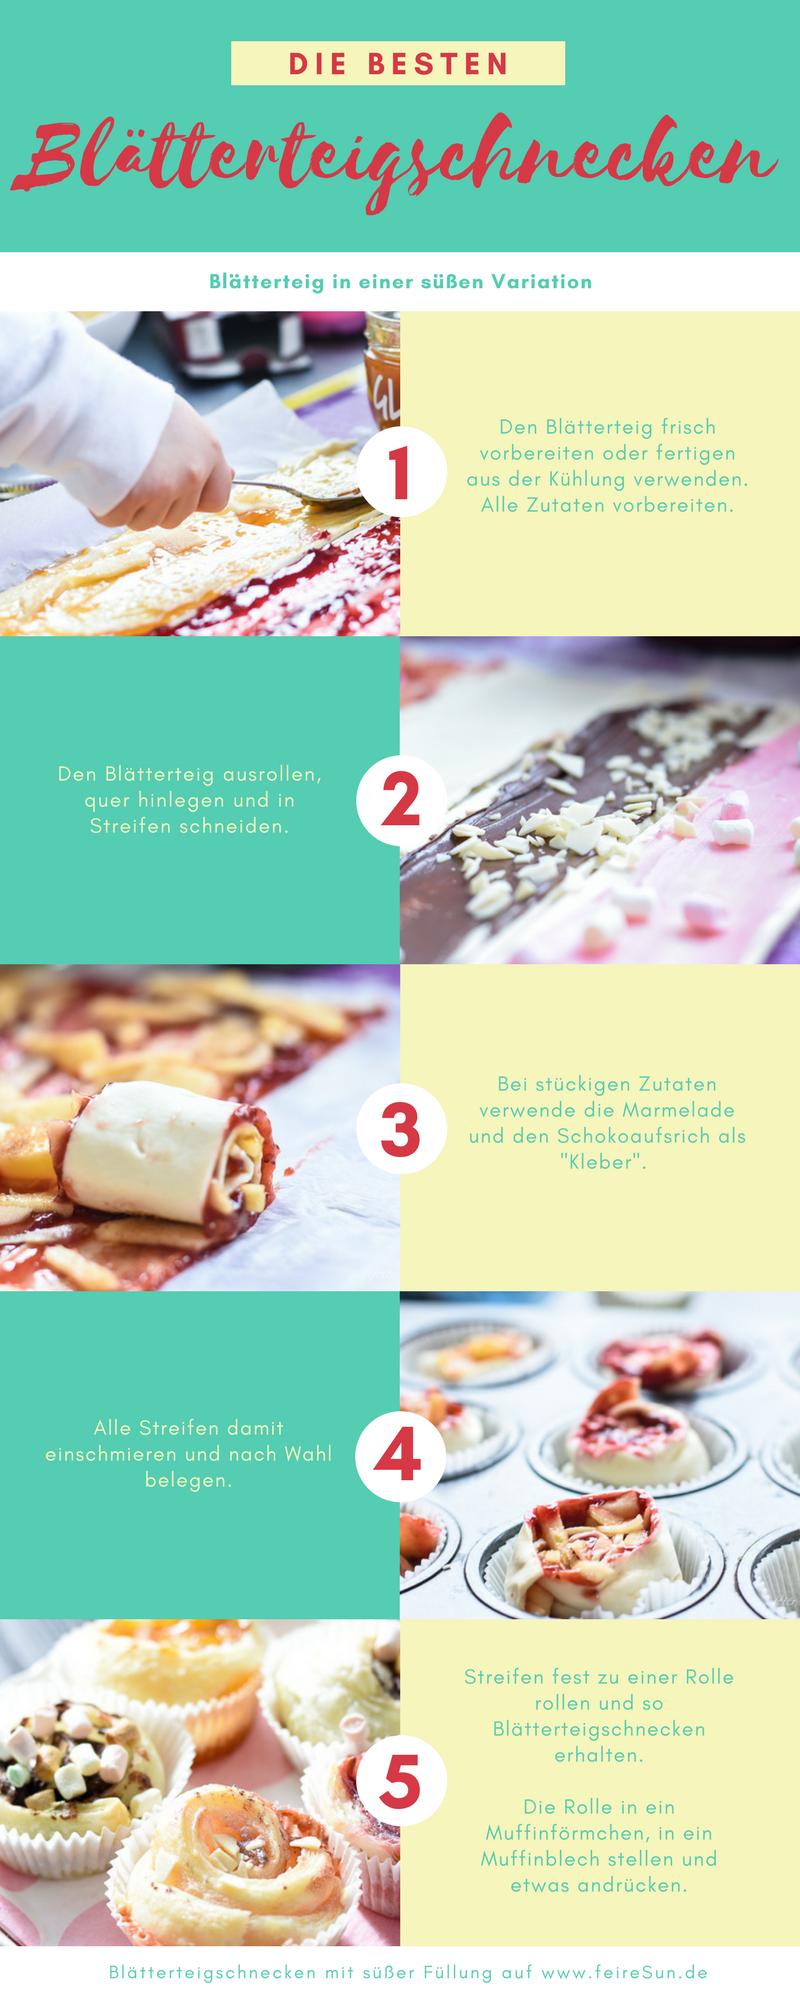 Super einfache Blätterteigschnecken mit süßer Füllung. Backen mit Kindern. Blätterteigmuffins als Partyfood. Schnell und einfach // Rezept auf feierSun.de Familienblog - Lifestyle-Blog